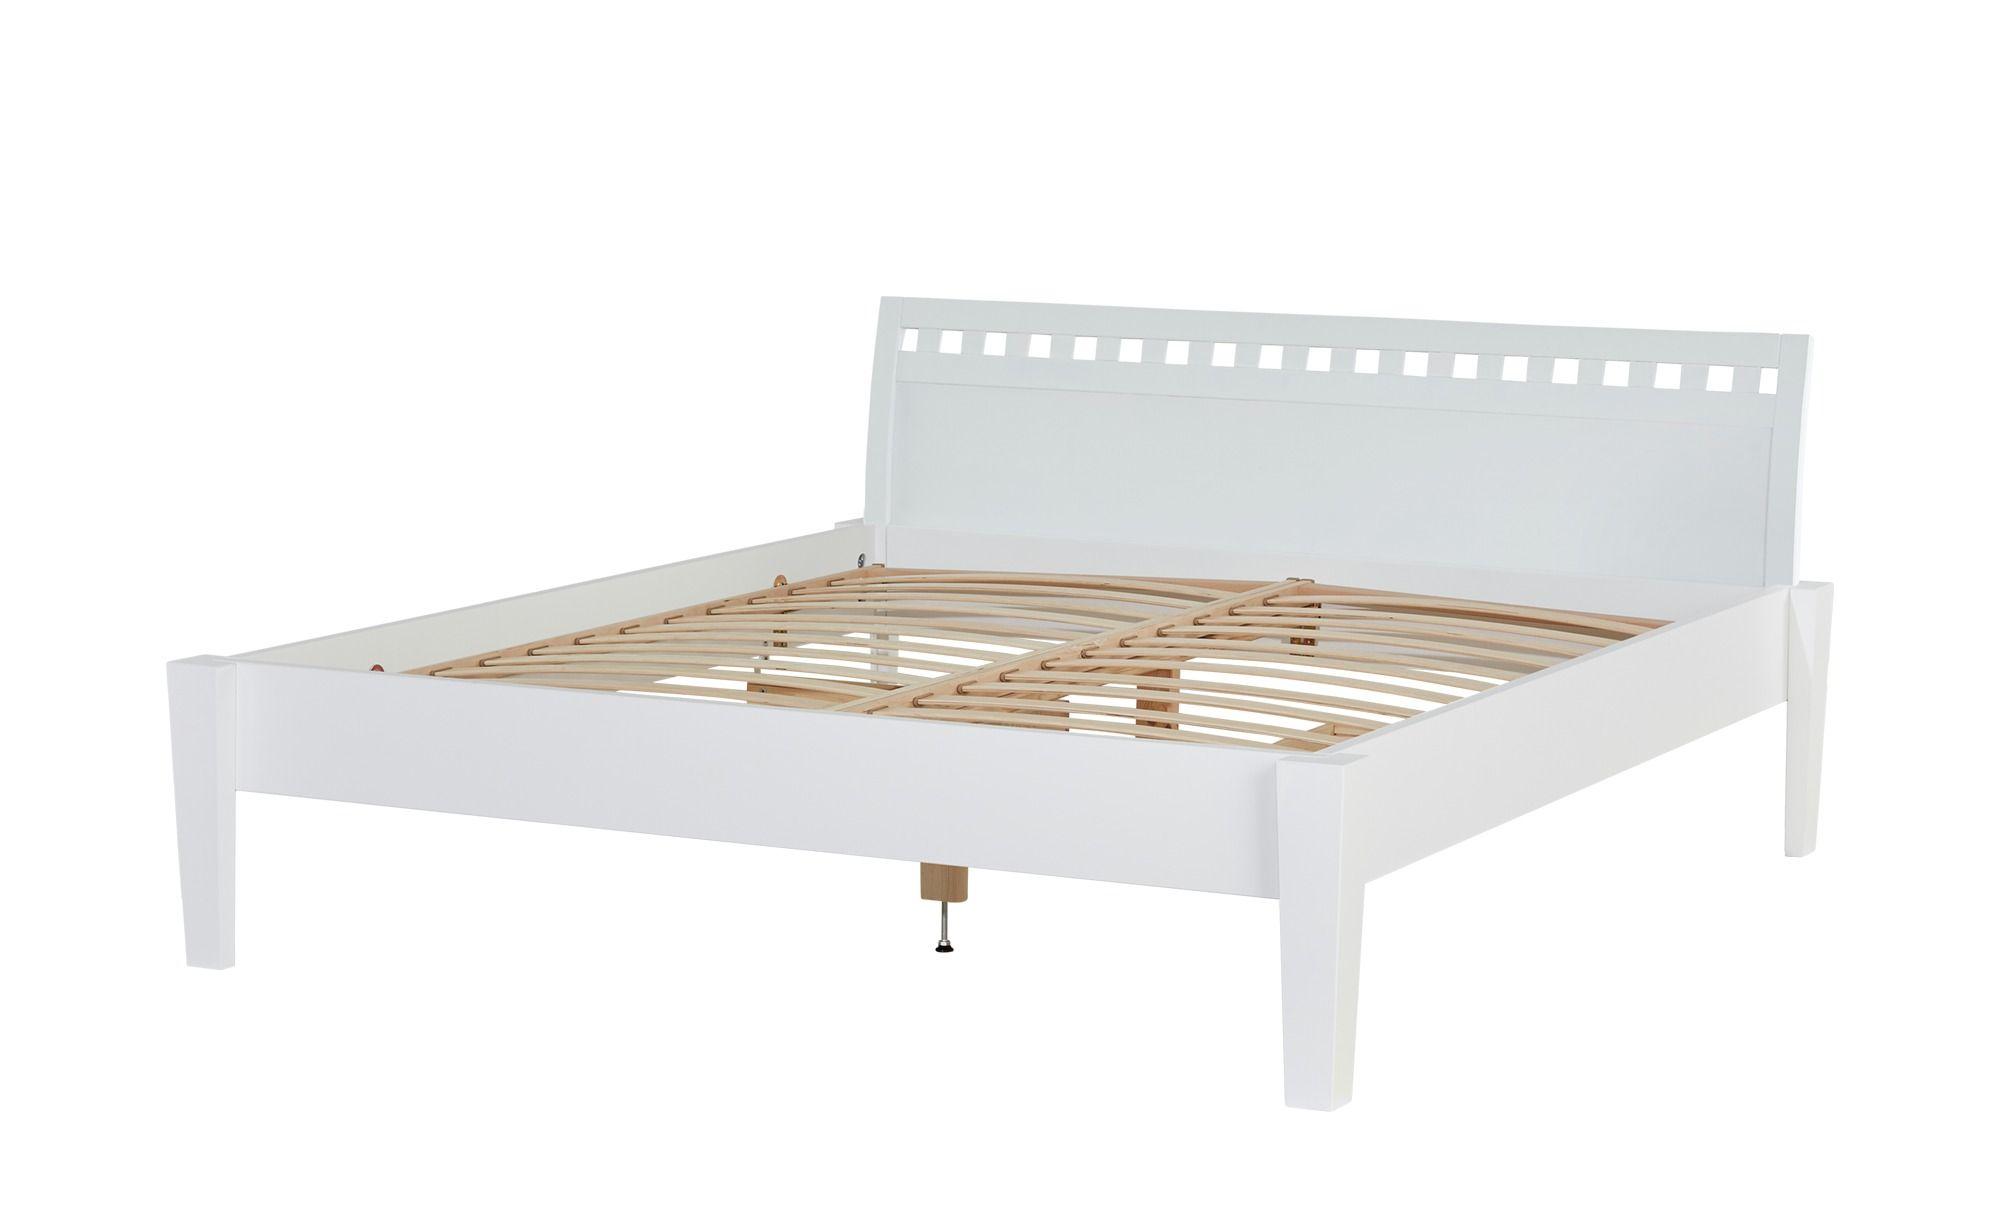 Massivholz Bettgestell Timber Bettgestell Bett Und Bettkasten